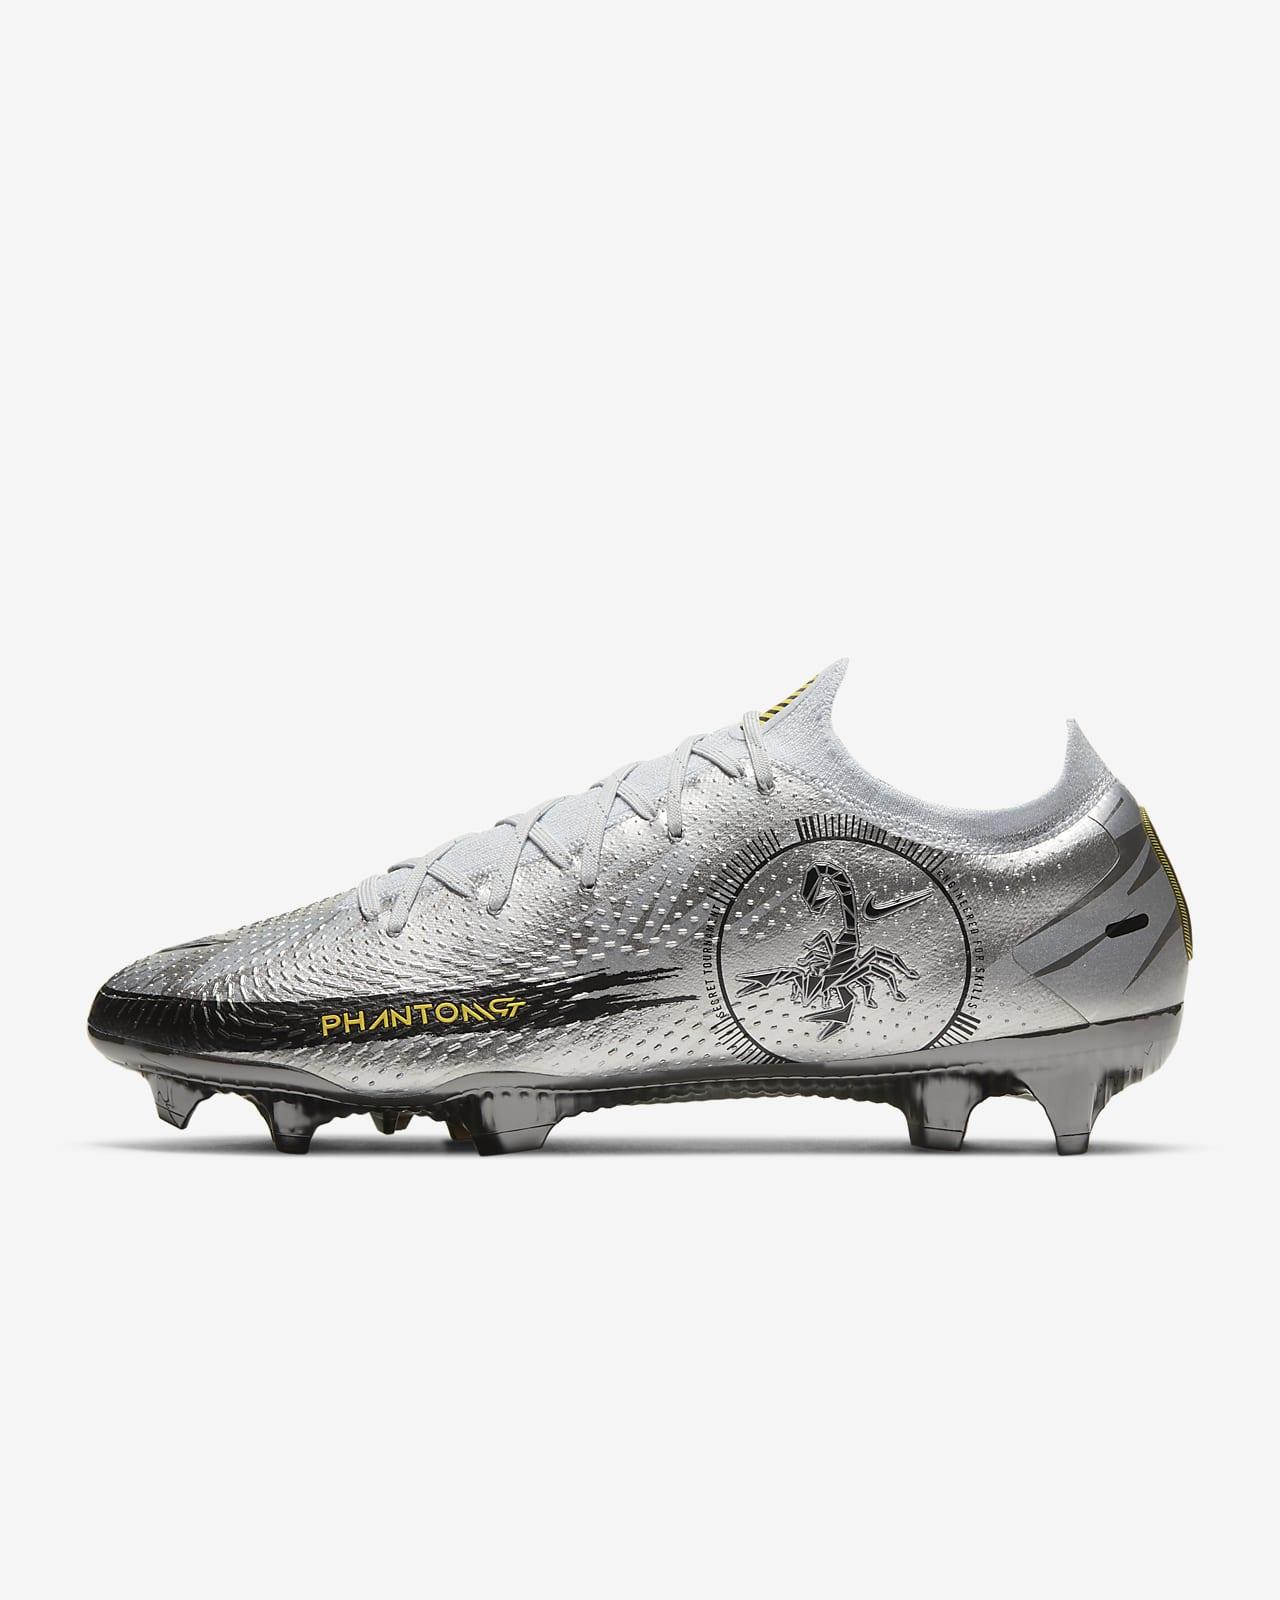 Nike Phantom Scorpion Elite FG Fußballschuh für normalen Rasen